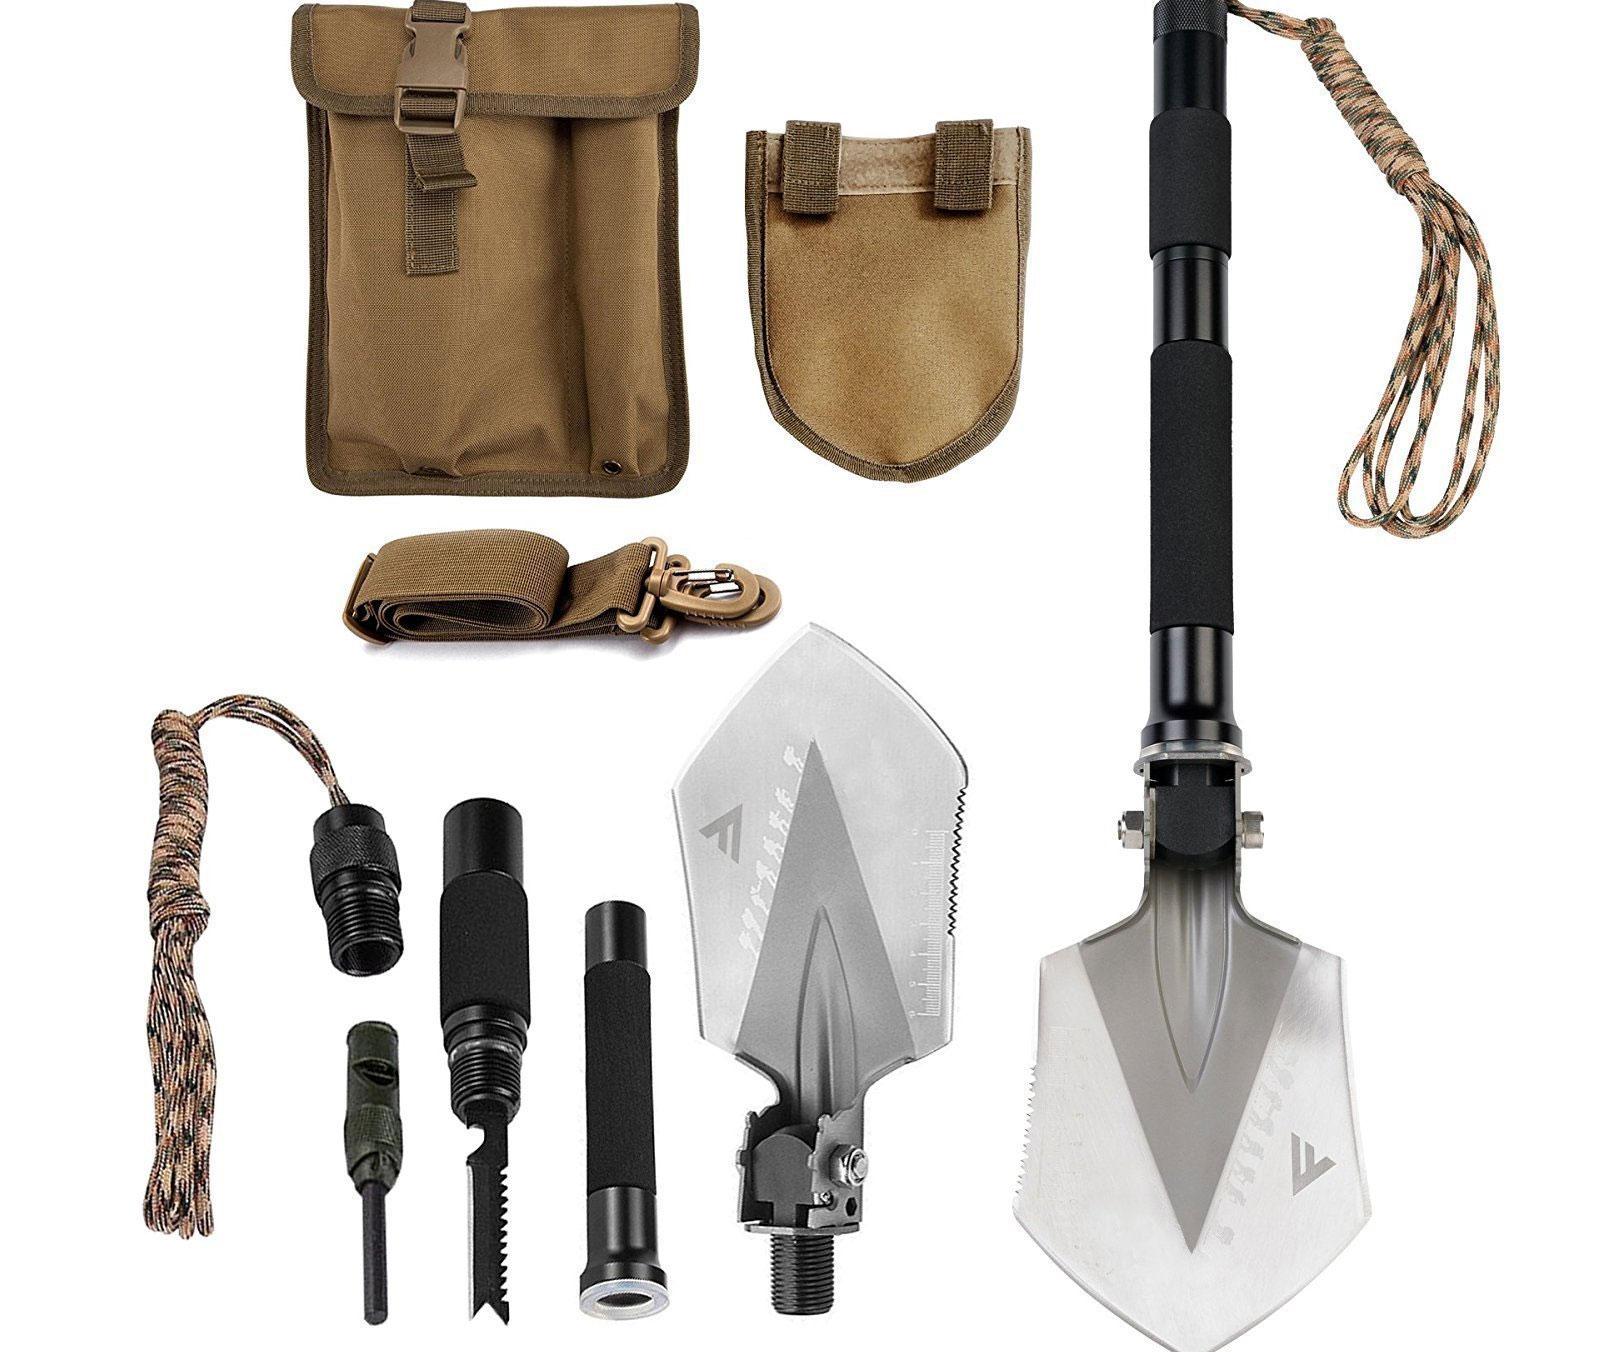 Military Folding Shovel Multi-Tool Kit